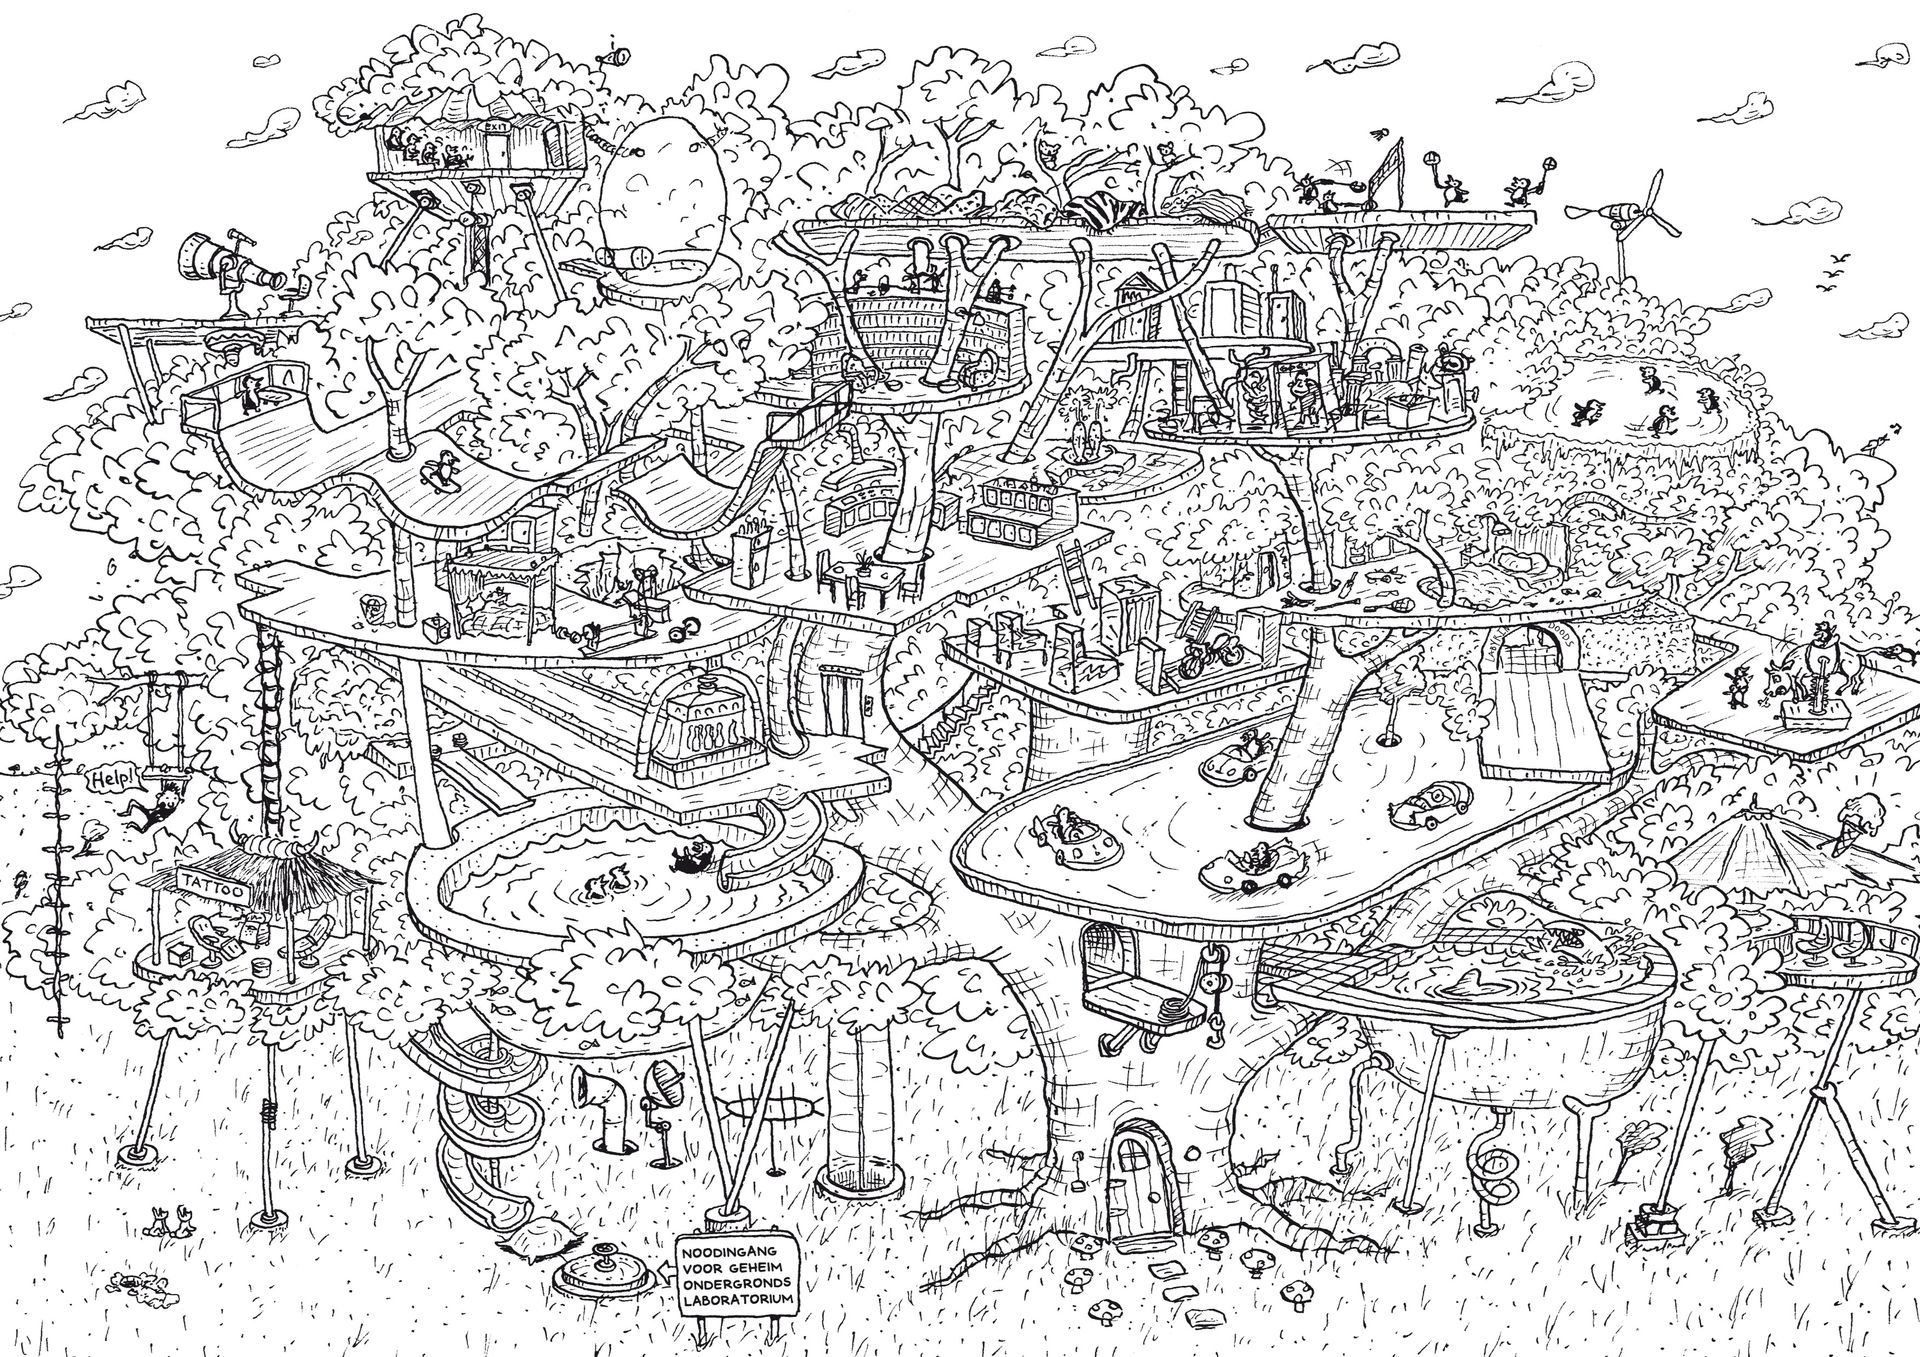 Wat Is Het Geheim Van De Waanzinnige Boomhut Nrc Boomhut Illustrator Kinderboek